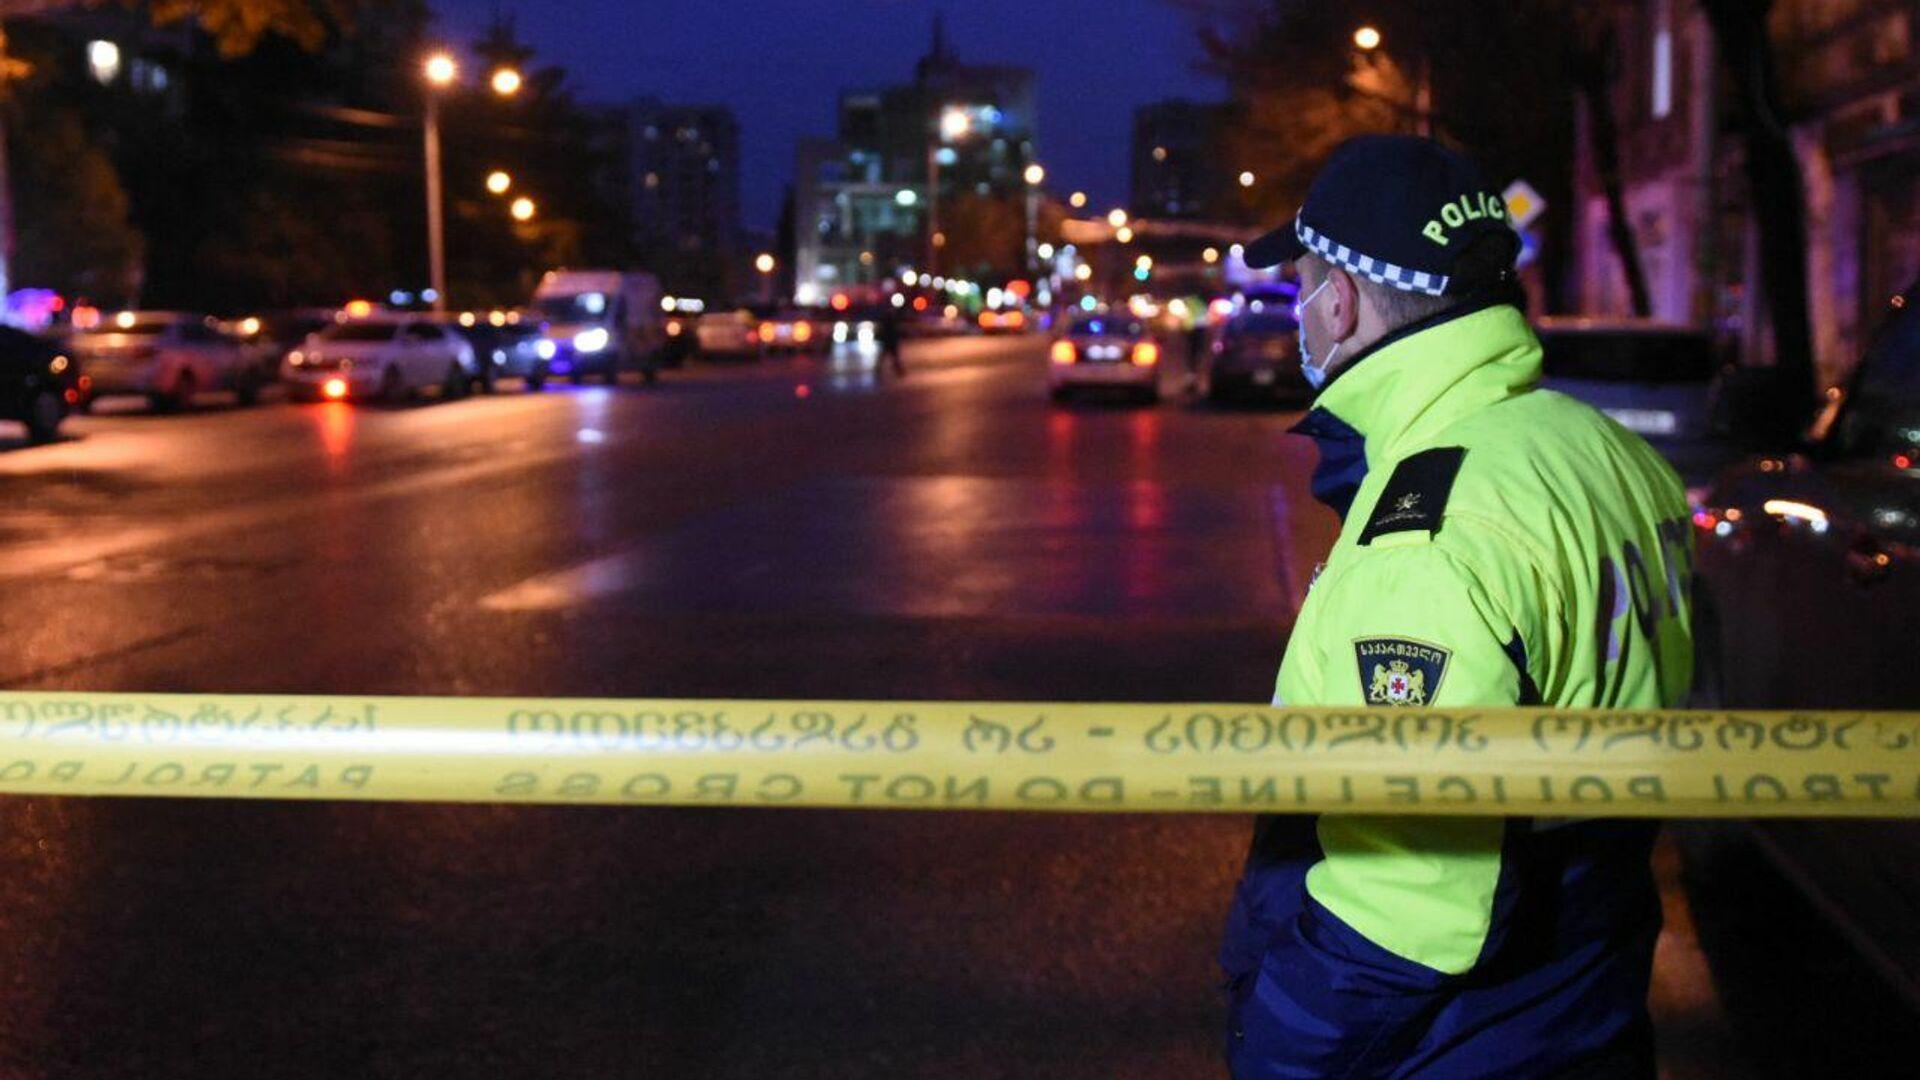 Сотрудник полиции на проспекте Церетели в Тбилиси, где вооруженный мужчина, который ворвался в офис микрофинансовой организации, удерживает в заложниках девять человек - РИА Новости, 1920, 20.11.2020